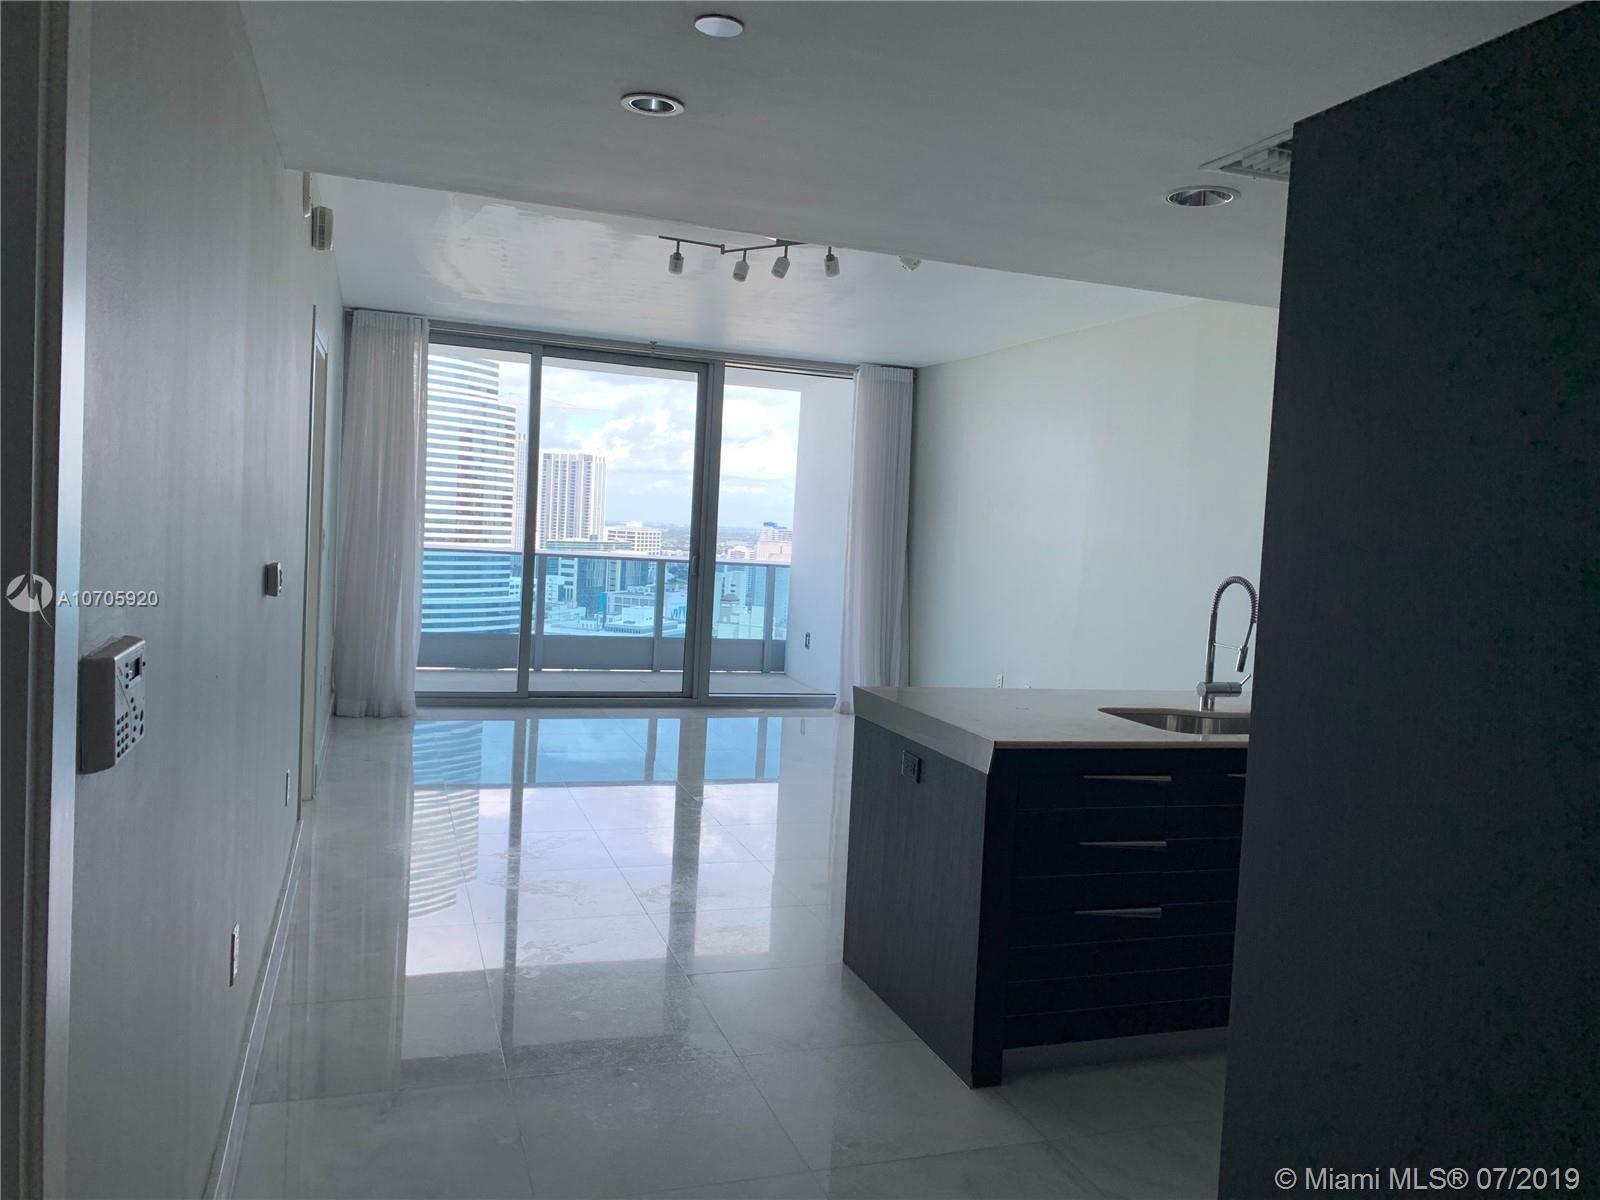 200 Biscayne blvd way #3114, Miami, FL 33131 - #: A10705920